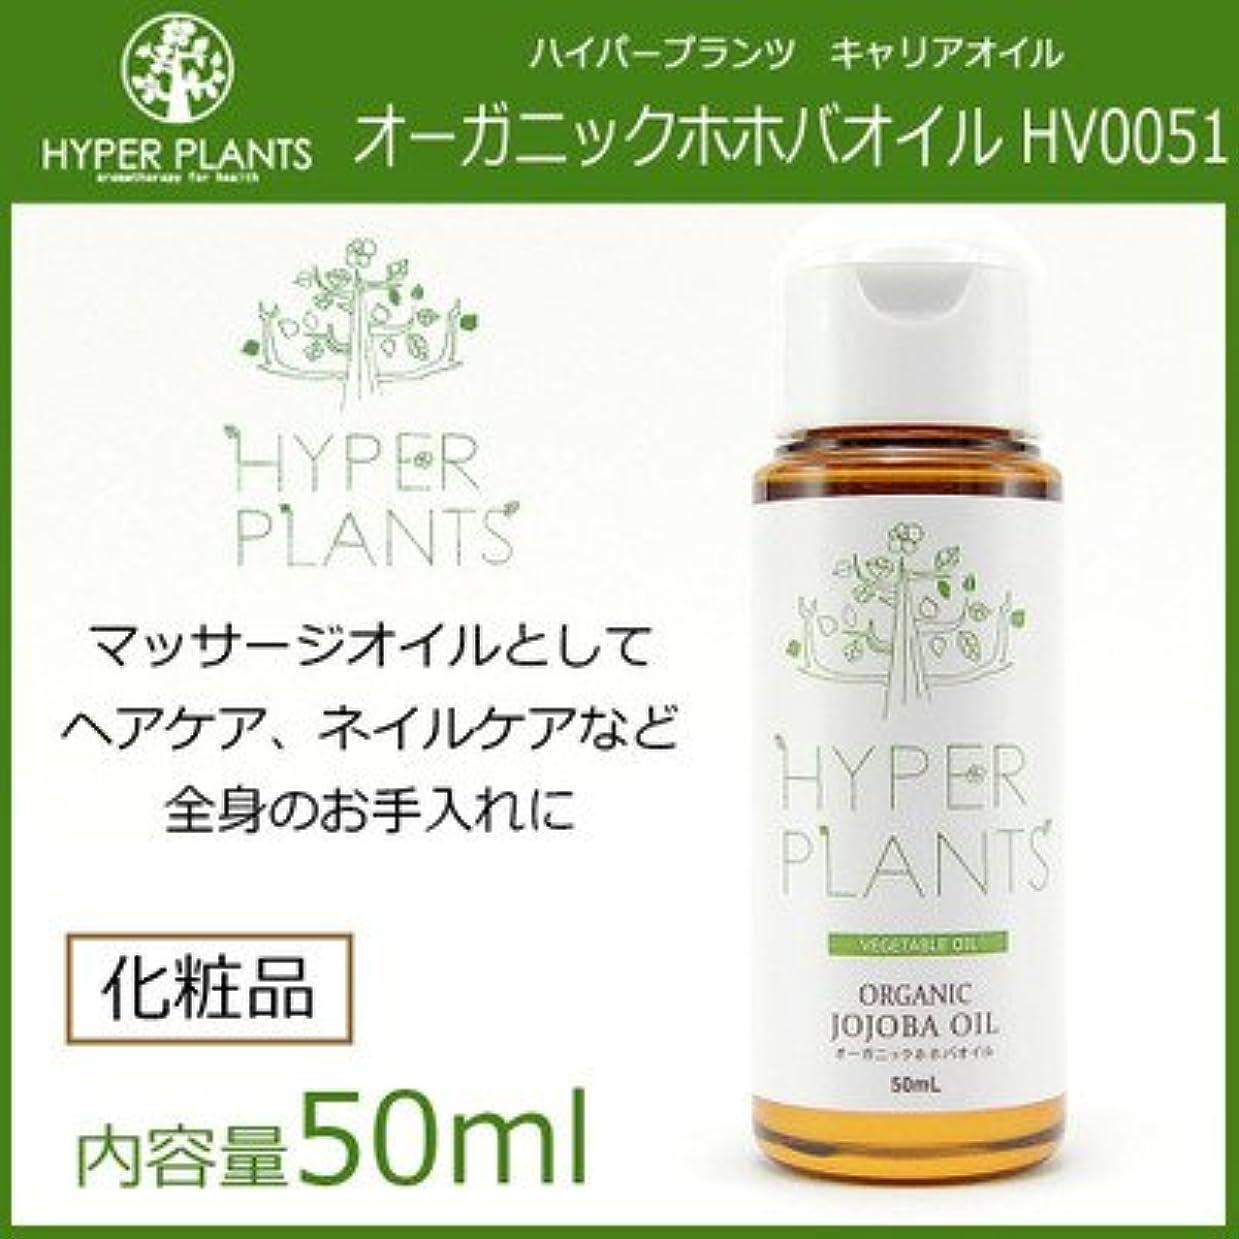 スキル開発チロ天然植物原料100%使用 肌なじみが良い定番オイル HYPER PLANTS ハイパープランツ キャリアオイル オーガニックホホバオイル 50ml HV0051